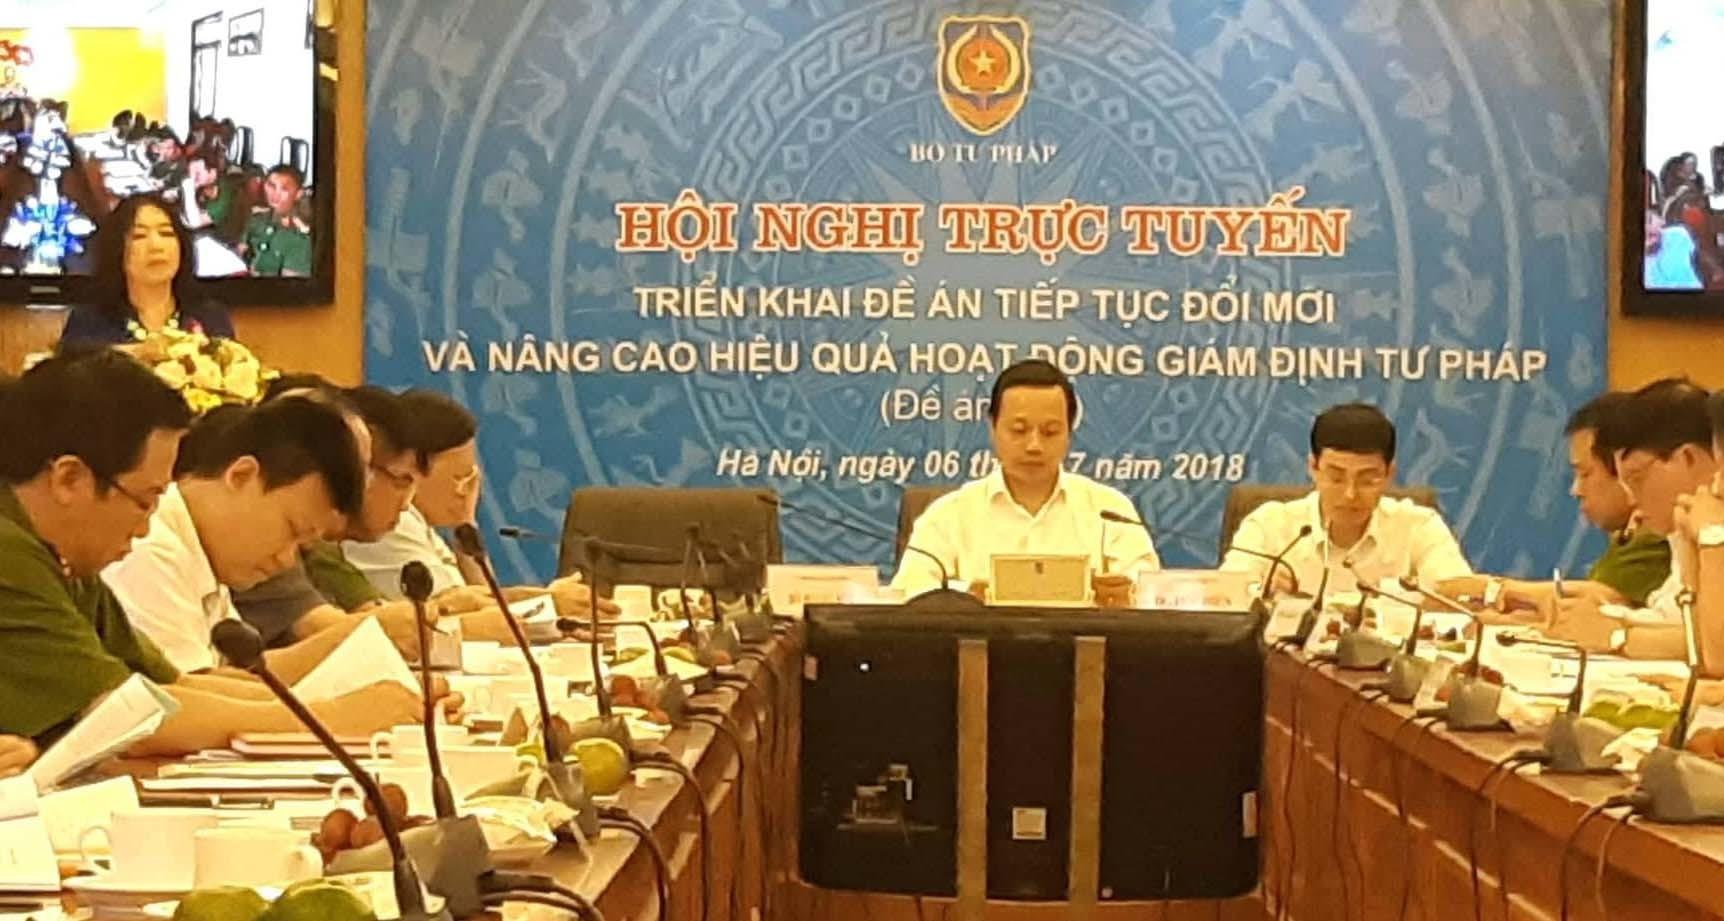 Tướng Phạm Văn Các,Phạm Văn Các,Phó Tổng cục trưởng,Tổng cục Cảnh sát,Bộ Công an,giám định tư pháp,Hàn Đức Long